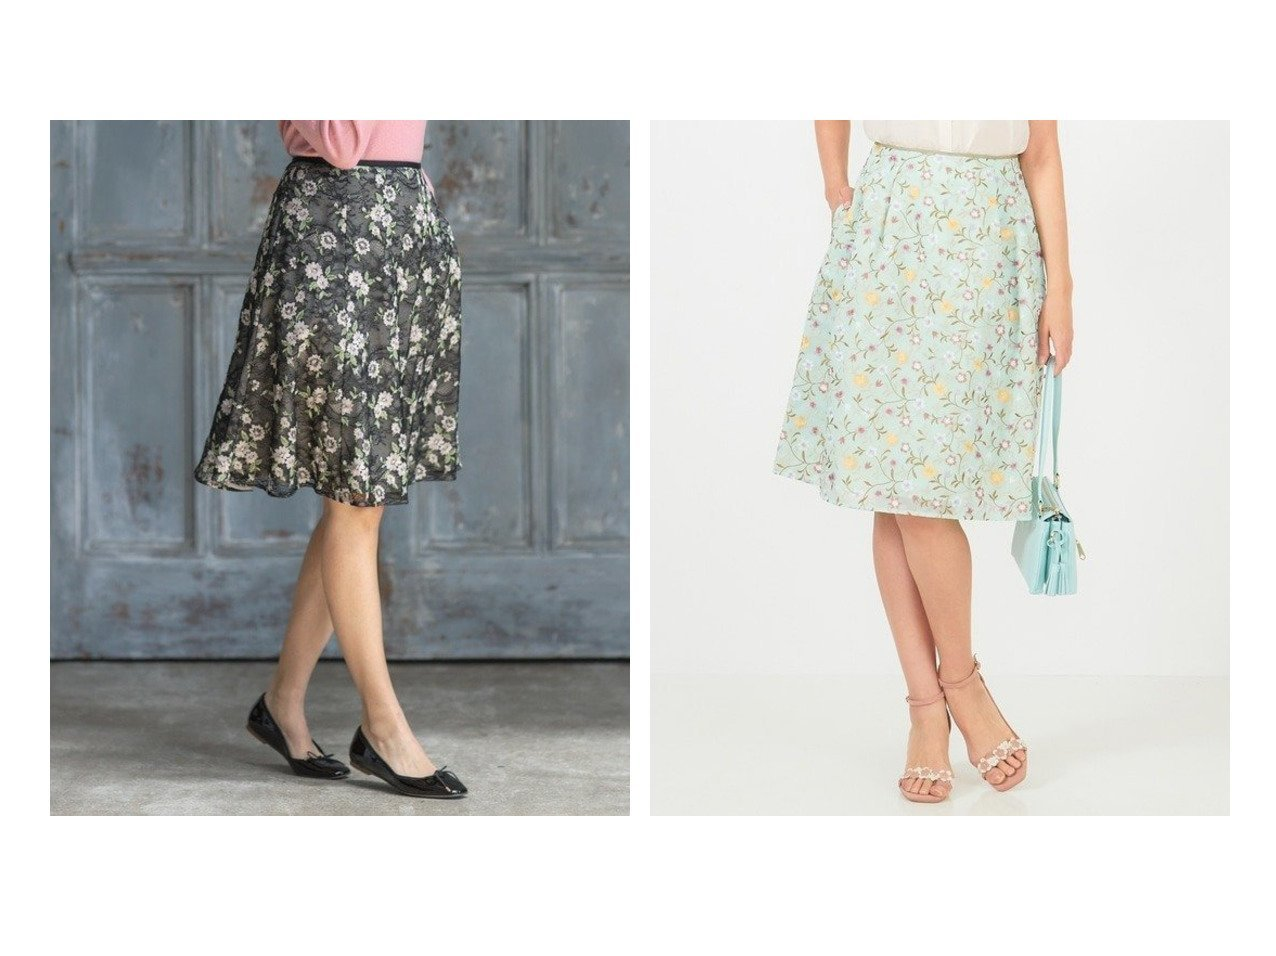 【TOCCA/トッカ】の【洗える!】FLOWER FRIENDS スカート&【洗える!】SIMONE スカート スカートのおすすめ!人気、レディースファッションの通販 おすすめで人気のファッション通販商品 インテリア・家具・キッズファッション・メンズファッション・レディースファッション・服の通販 founy(ファニー) https://founy.com/ ファッション Fashion レディース WOMEN スカート Skirt |ID:crp329100000002194